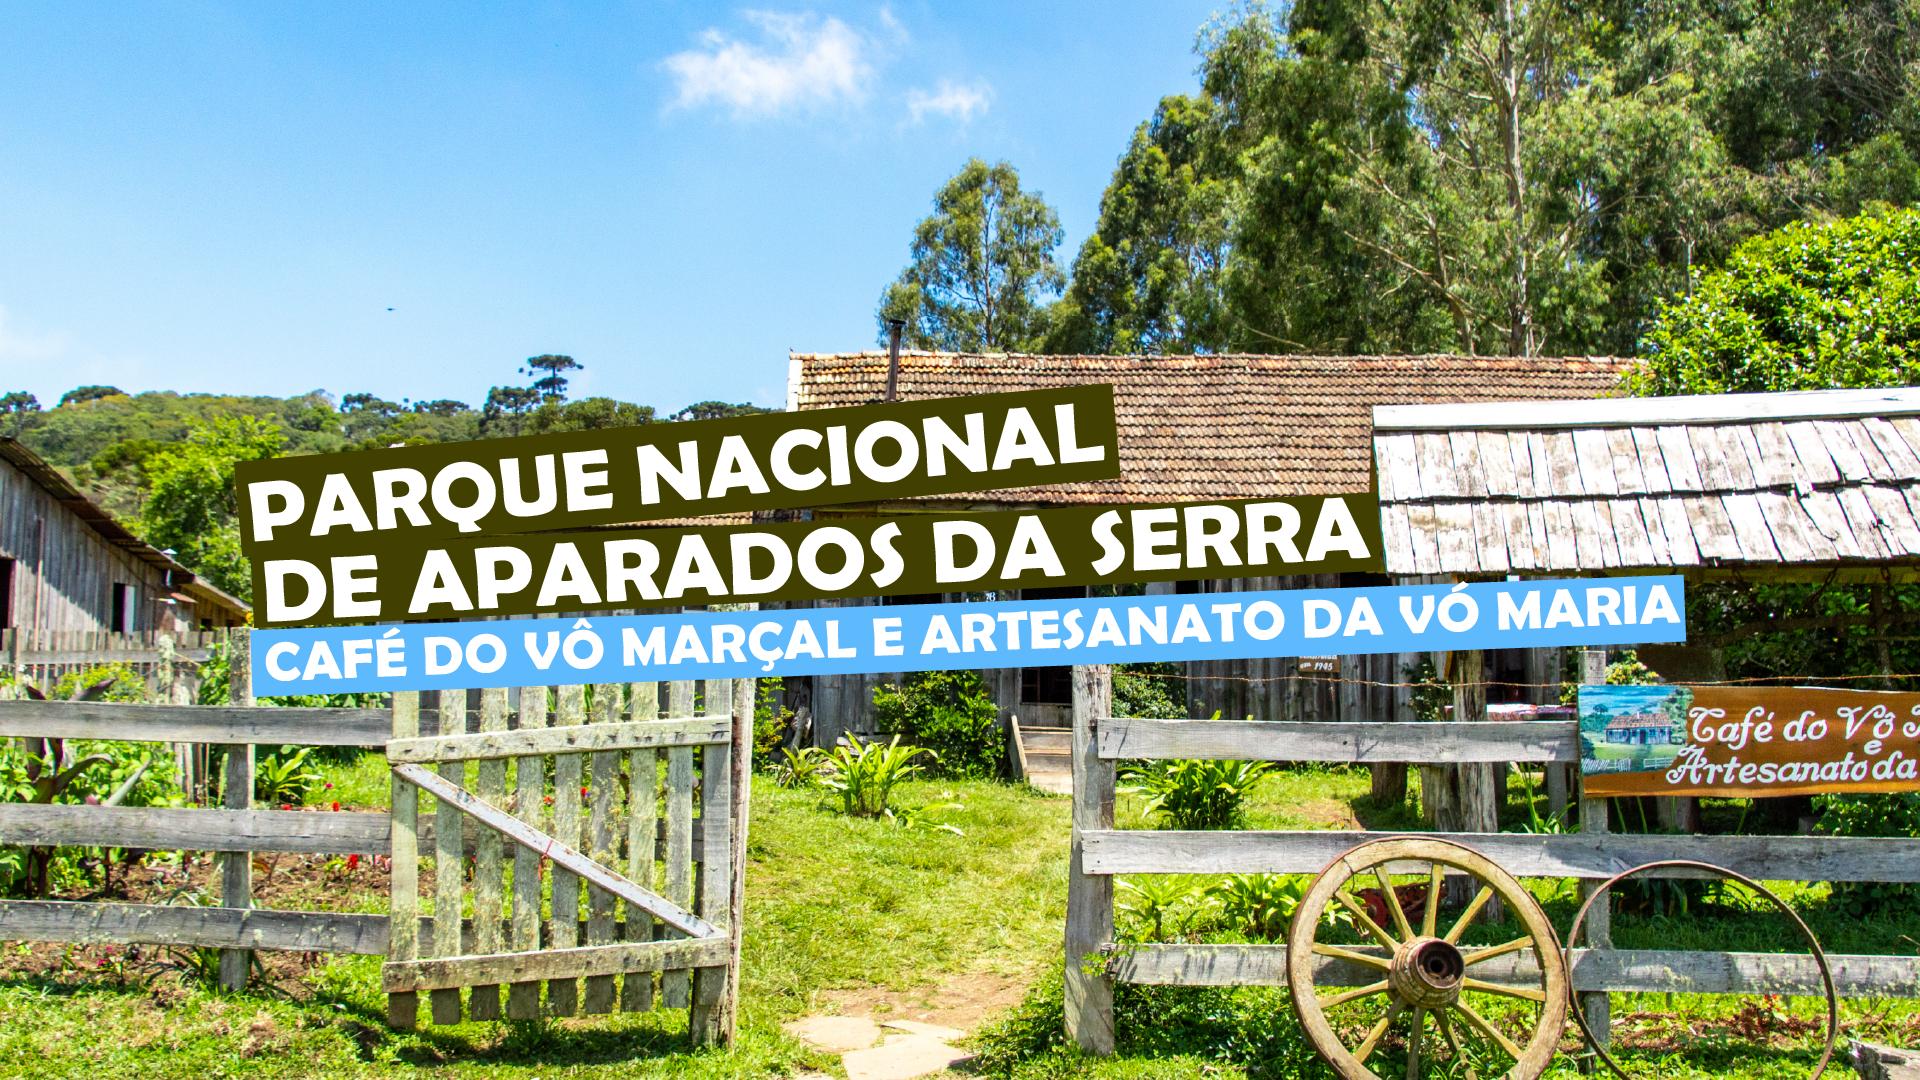 You are currently viewing Parque Nacional de Aparados da Serra- Café do Vô Marçal e artesanato da Vó Maria